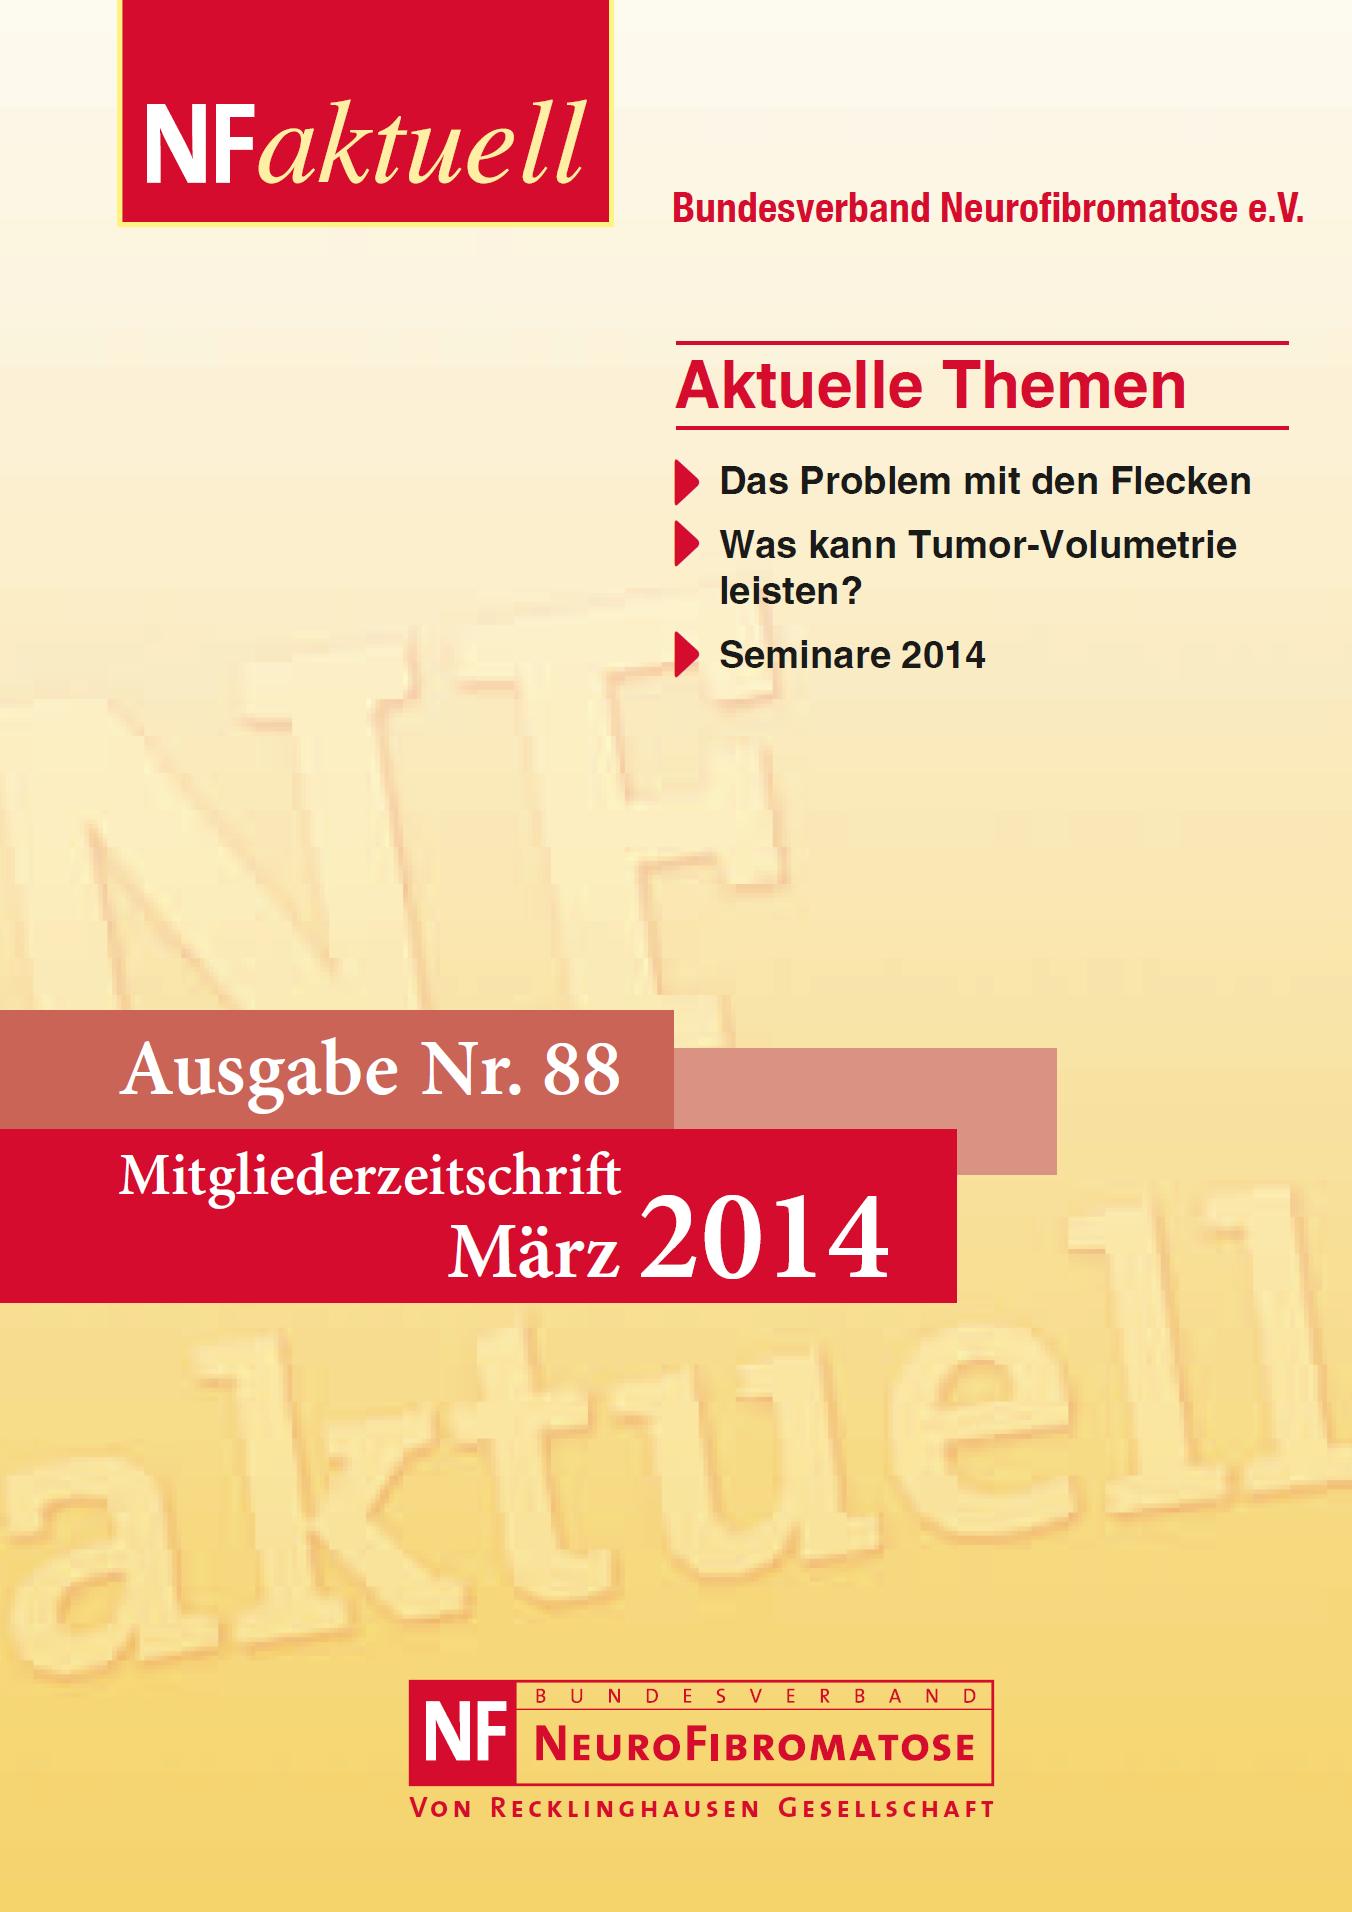 NFaktuell-88-maerz-2014-titel